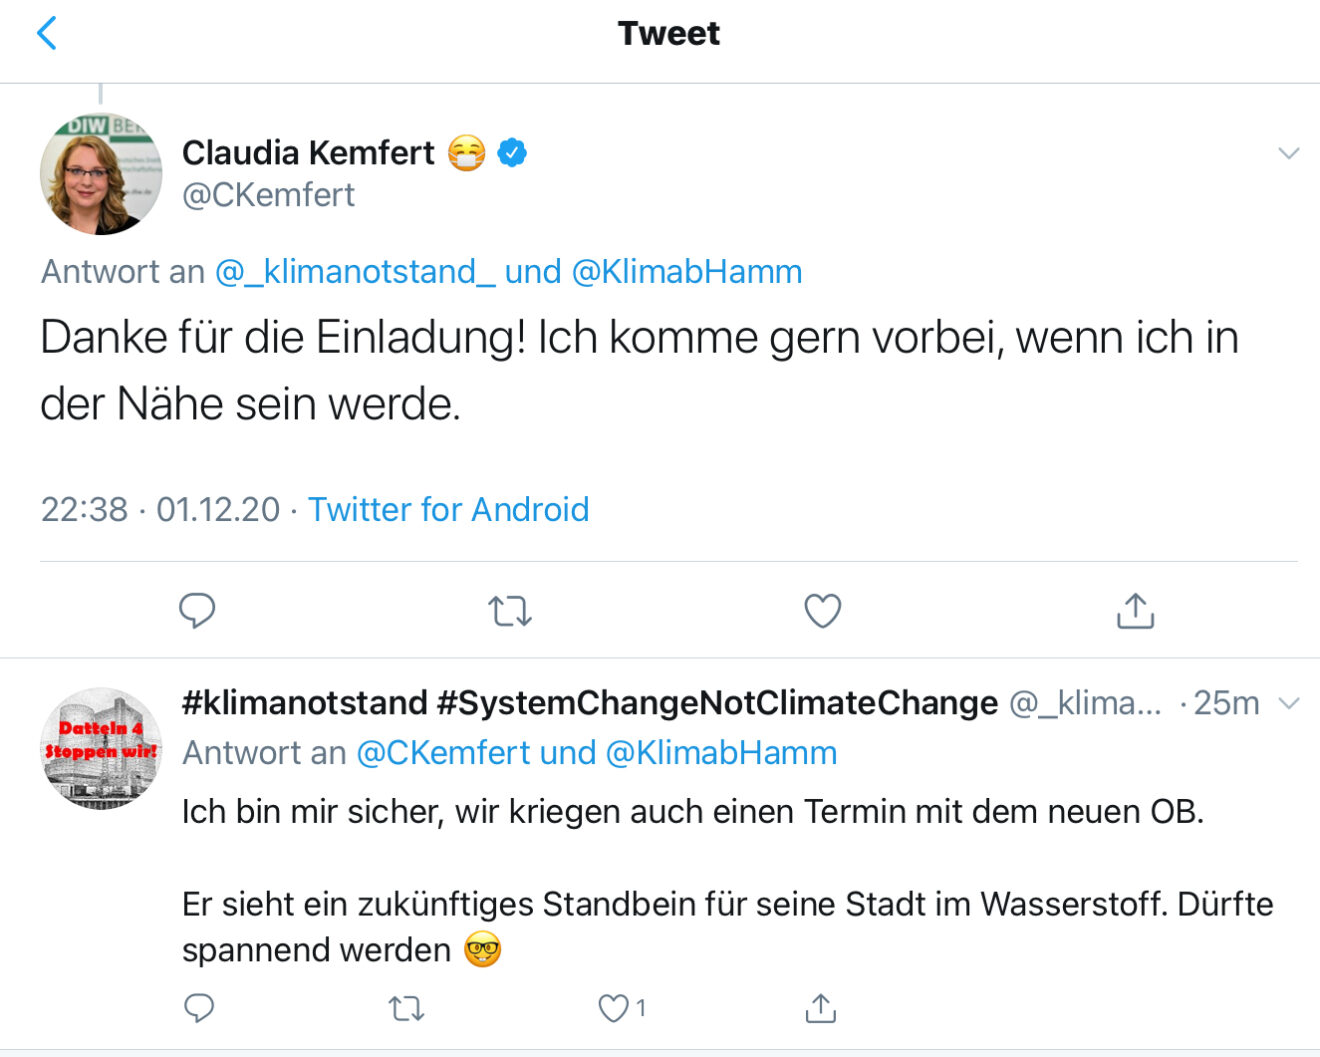 Tweet von Claudia Kemfert, 01.12.2020 - 3 von 3